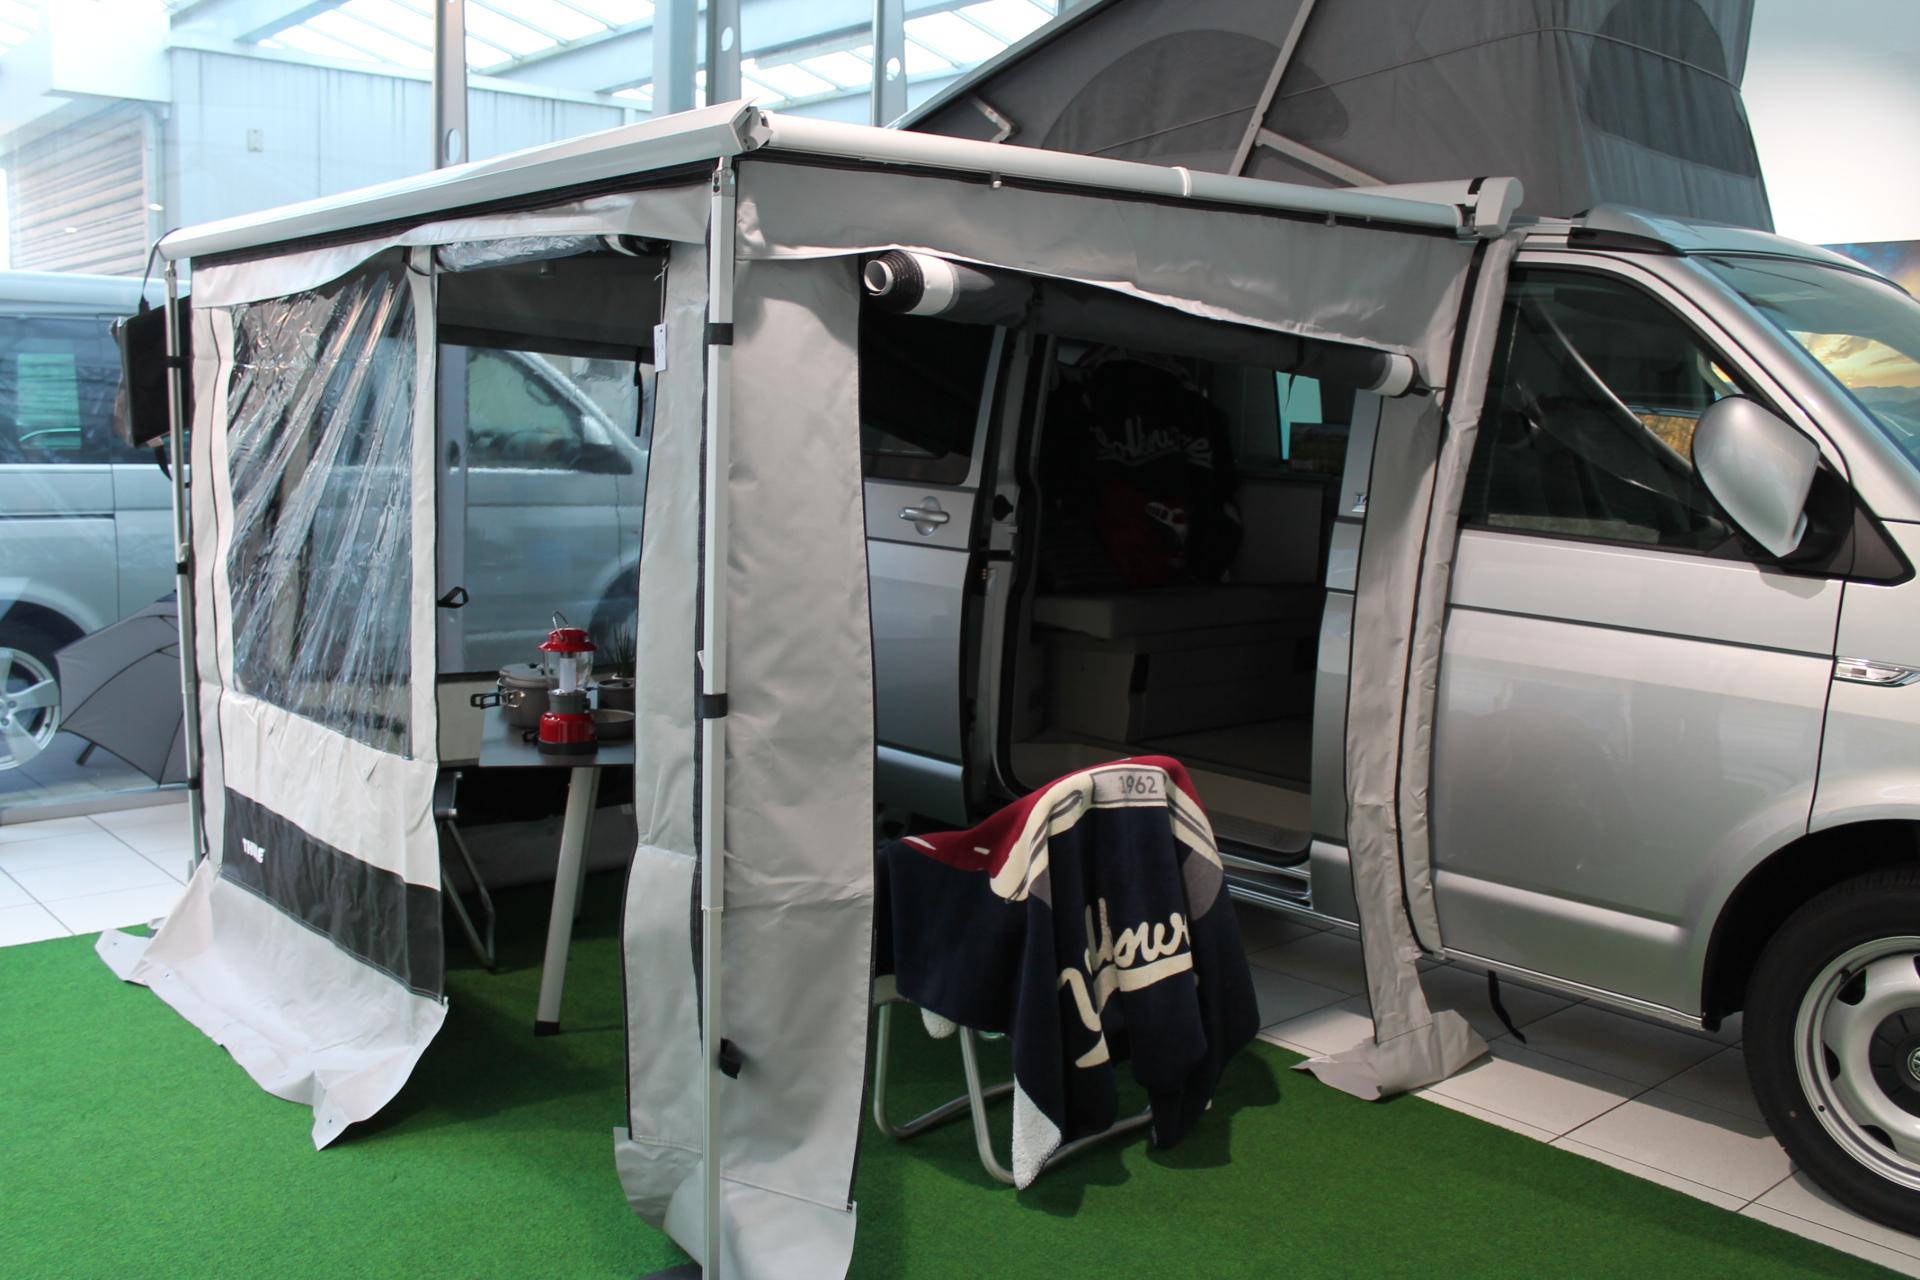 camping garage ruedi strub ag. Black Bedroom Furniture Sets. Home Design Ideas